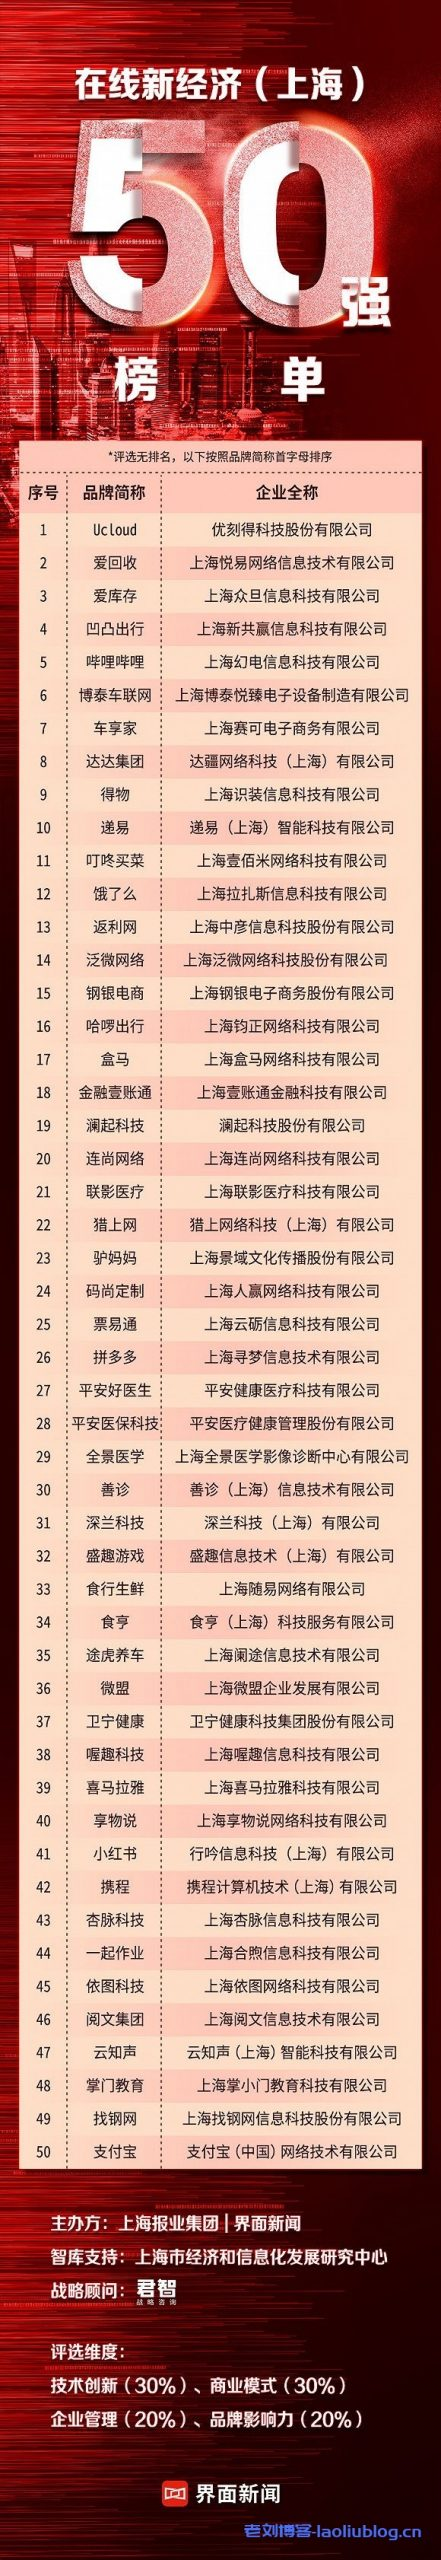 值得加入的上海互联网企业:在线新经济上海50强明细